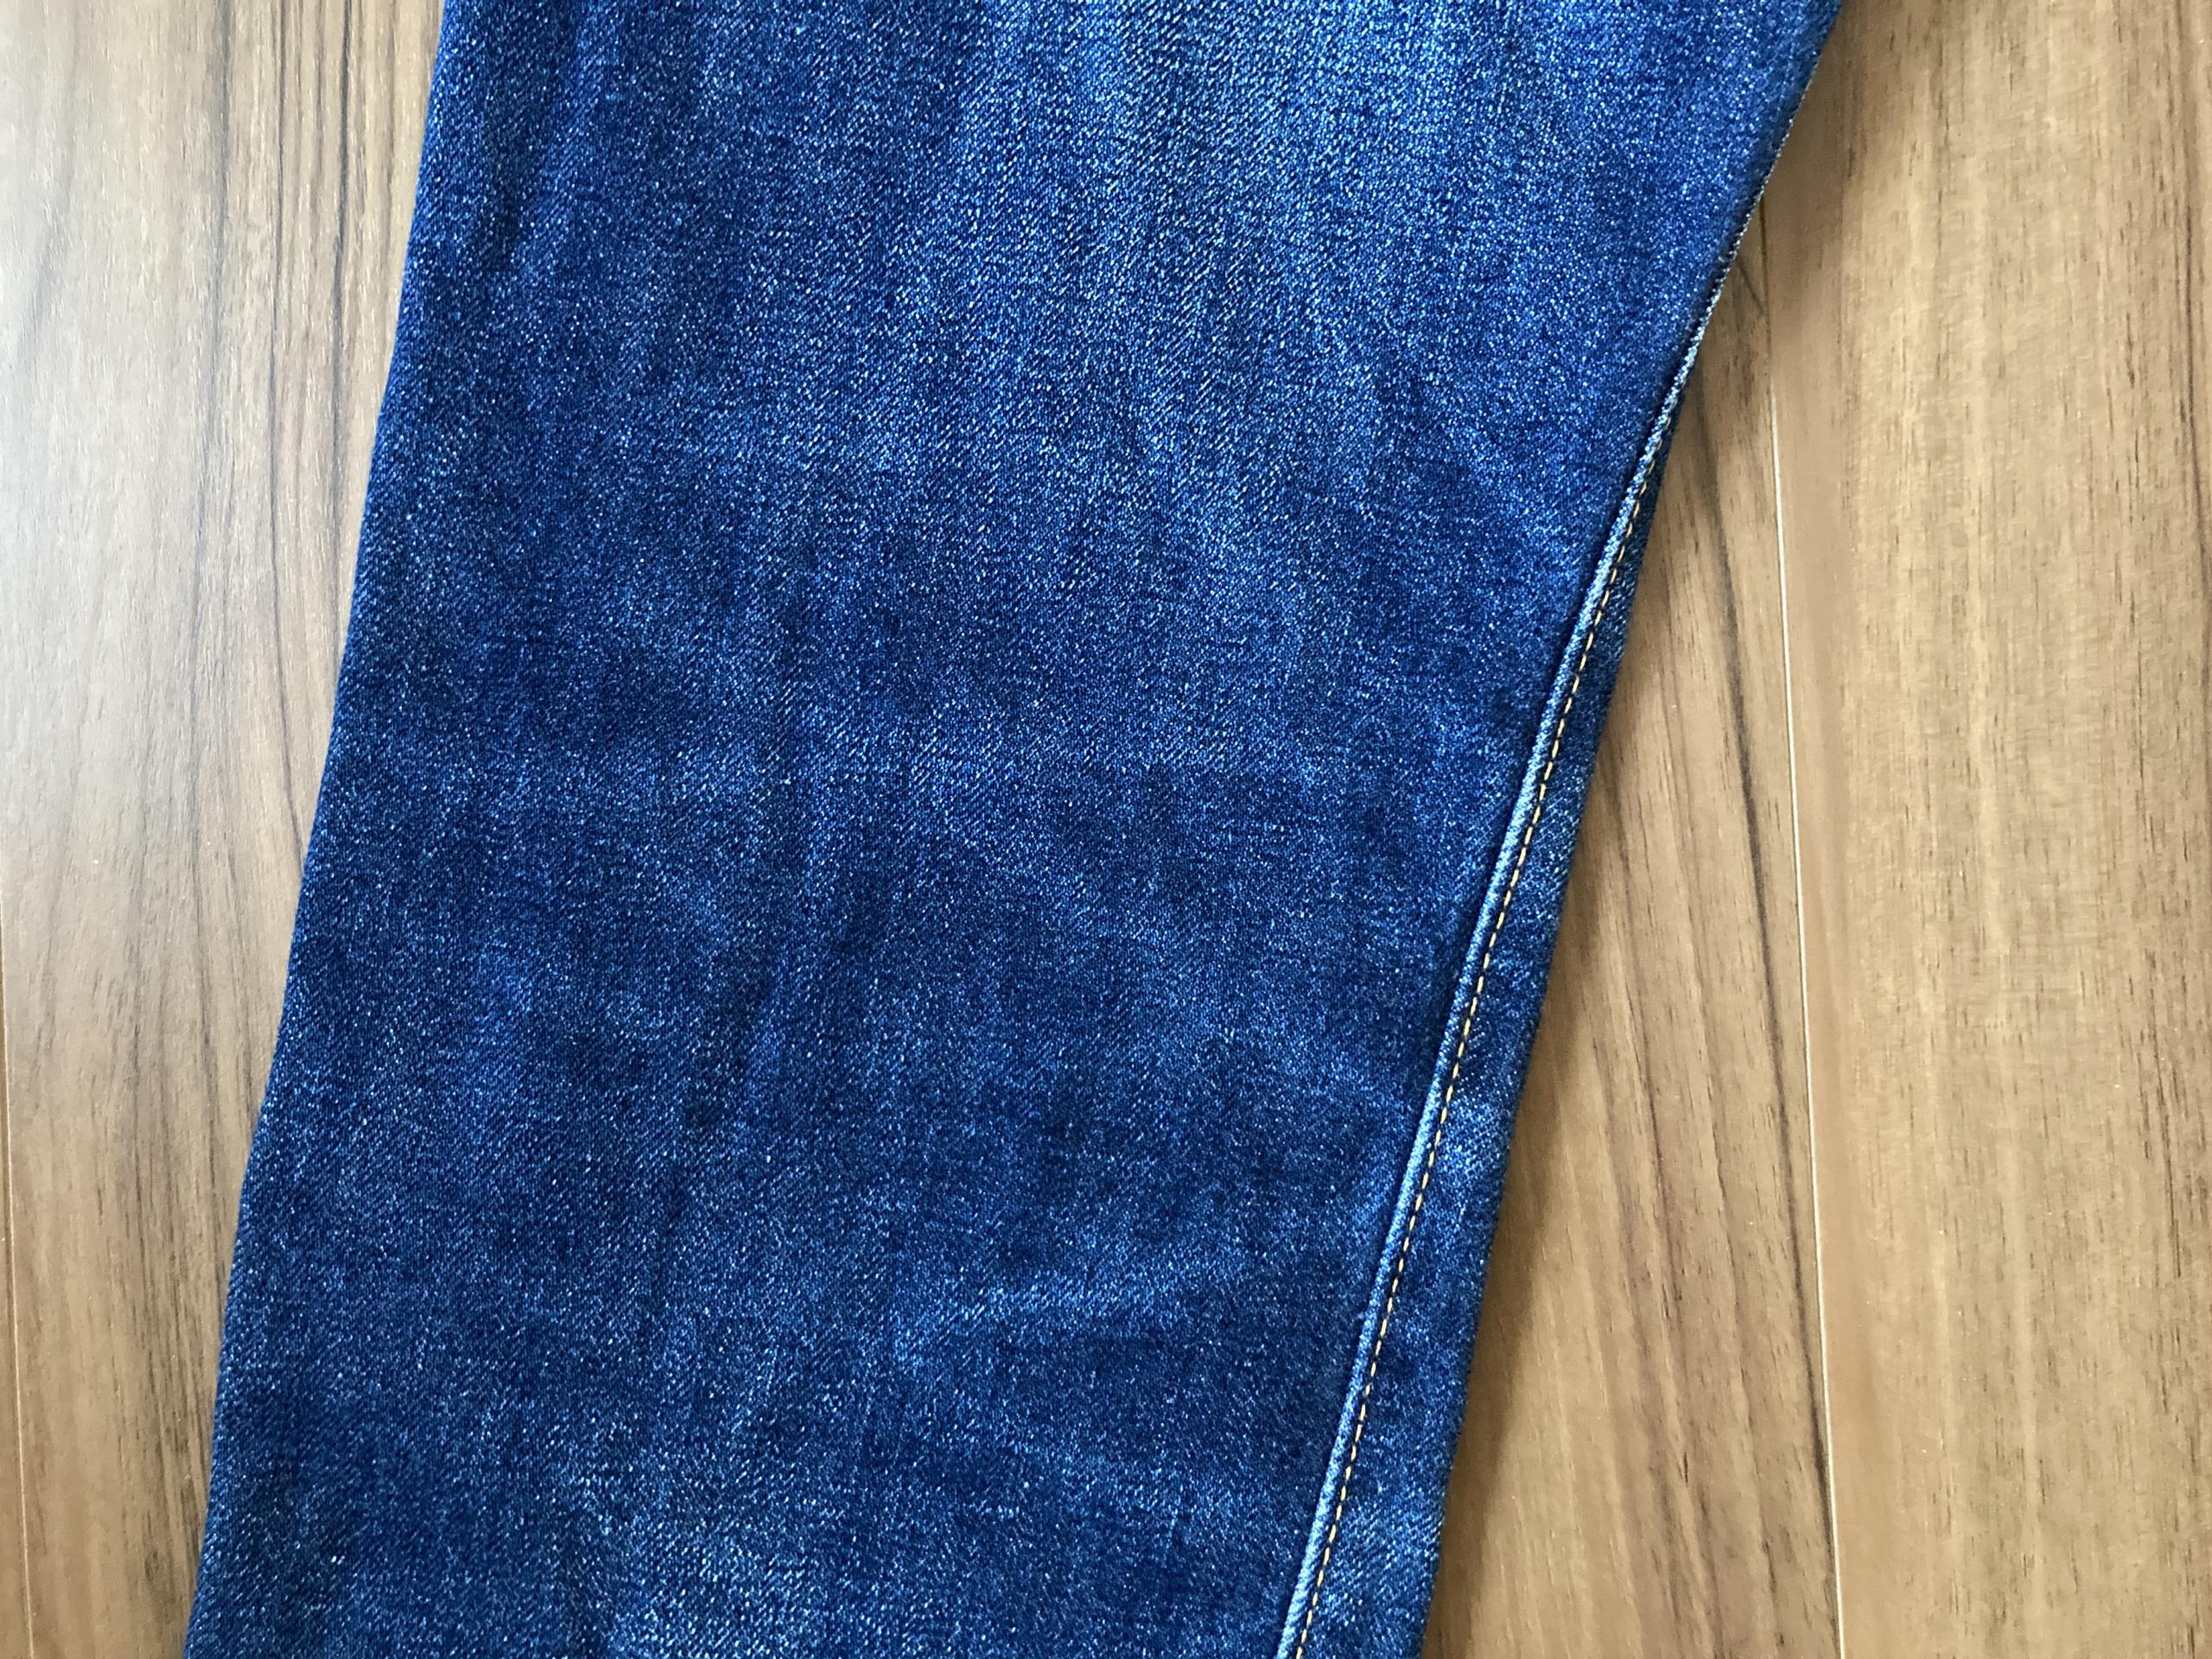 リゾルト 710 Resolute 710 24回目 洗濯 経年変化 エイジング ハチノス